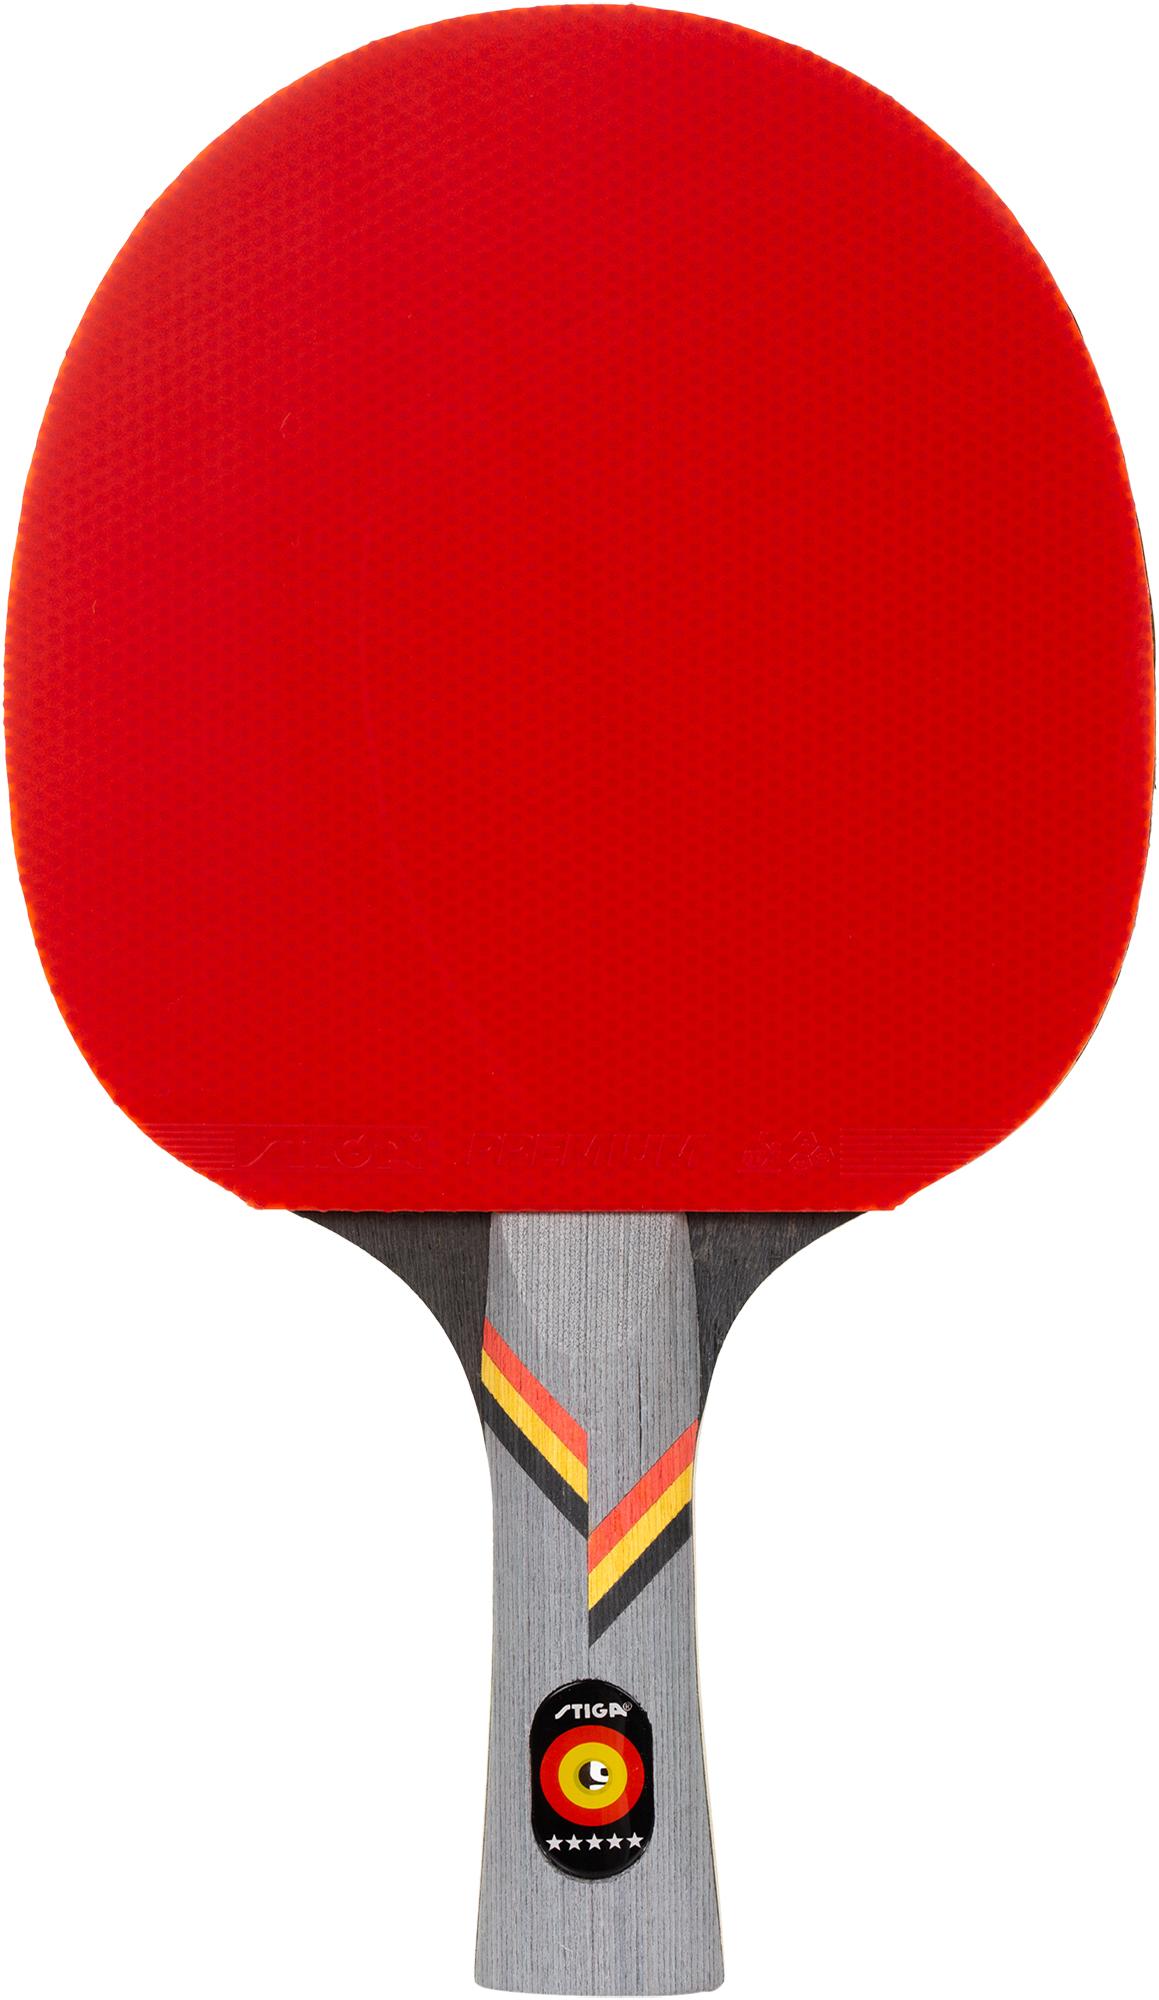 Stiga Ракетка для настольного тенниса Stiga Circle Touch все цены